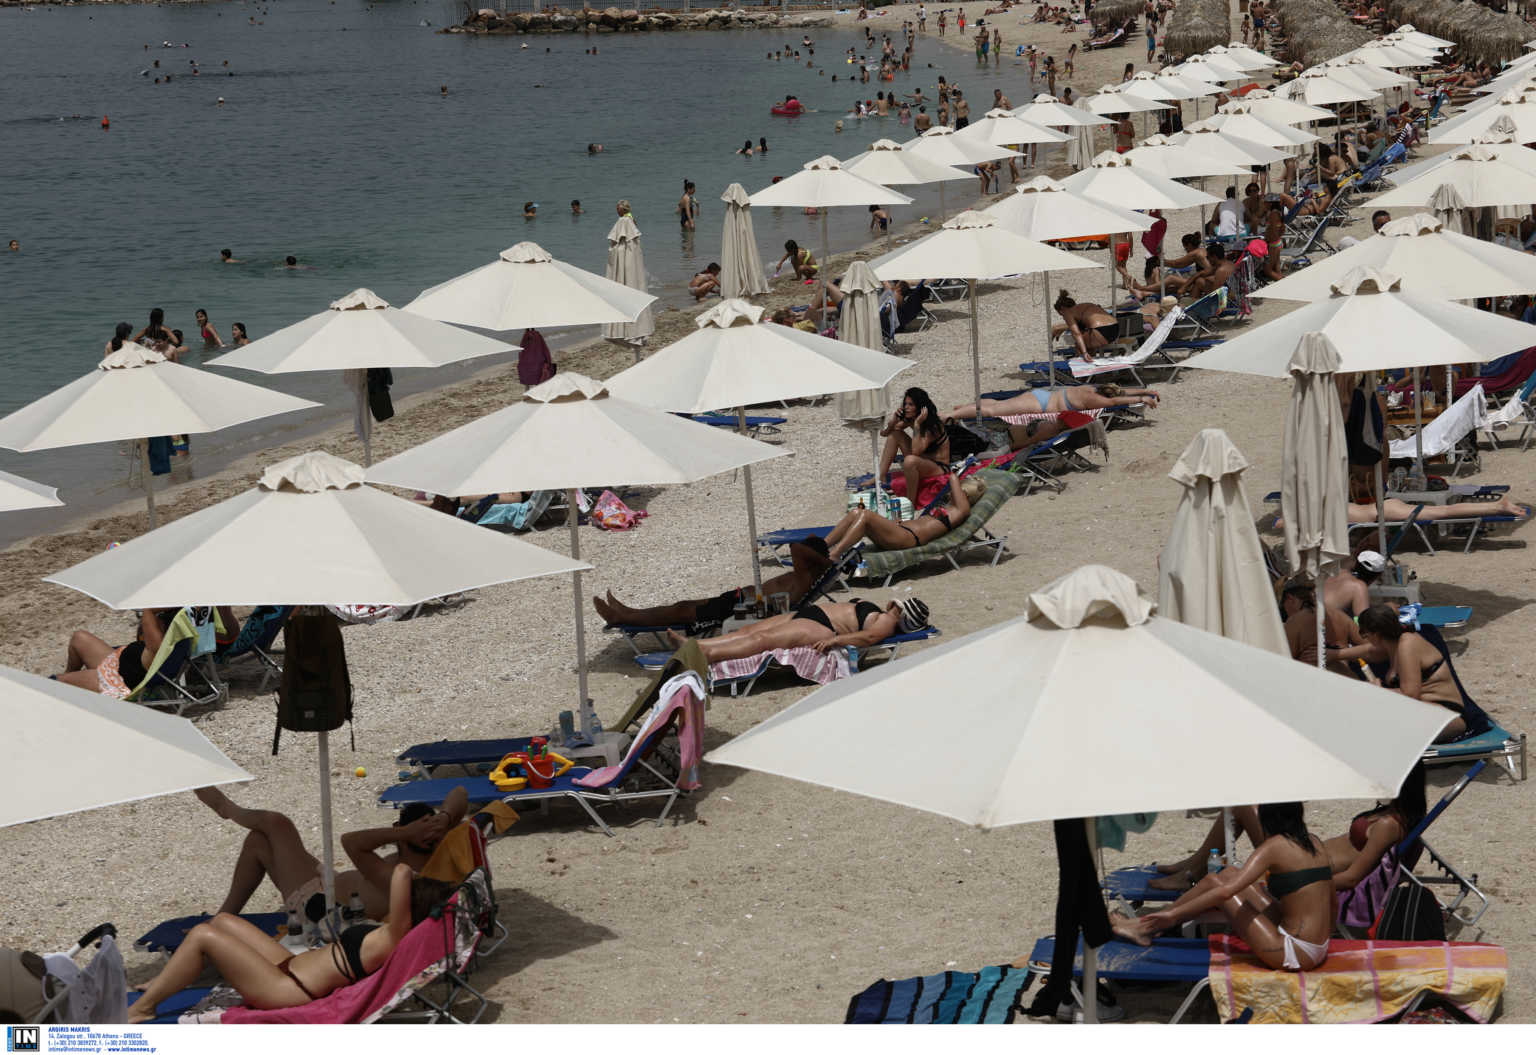 """""""Καμπανάκι"""" Σύψα: Δεύτερο κύμα από το καλοκαίρι, αν δεν εφαρμόσουμε τα μέτρα – Ο κορονοϊός θα χτυπήσει ανελέητα"""